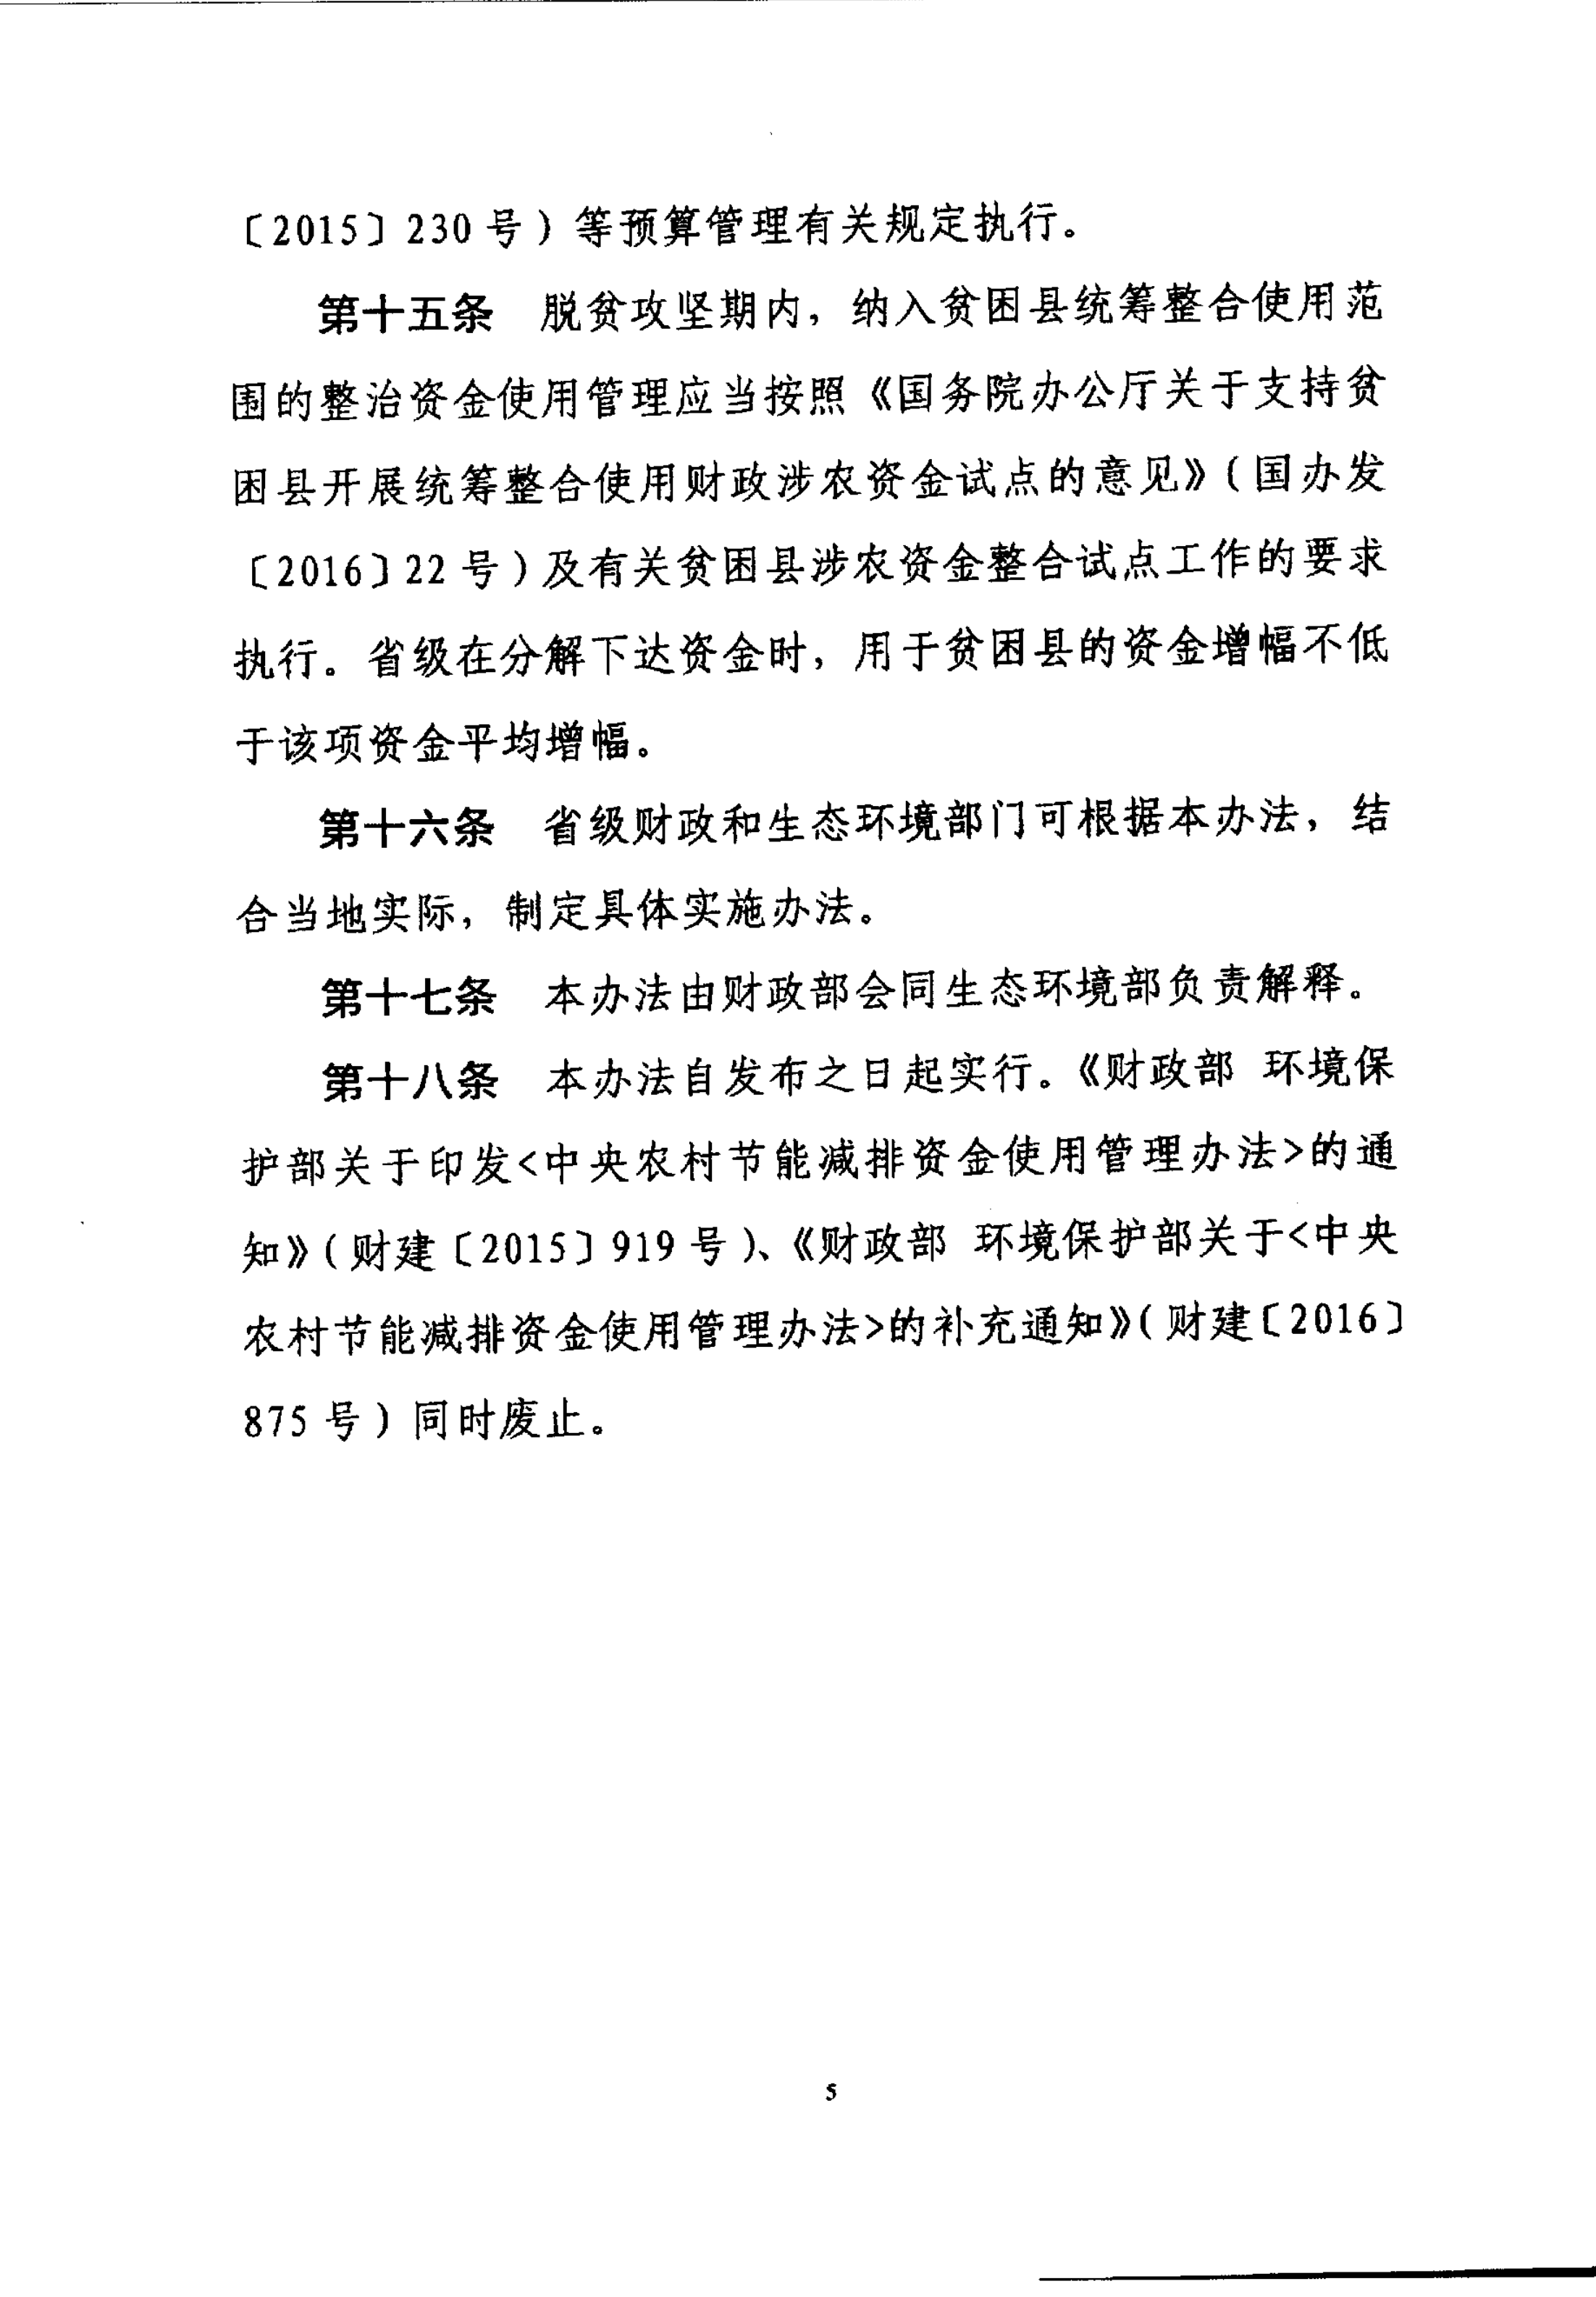 财政部关于印发《农村环境整治资金管理办法》的通知_05.png